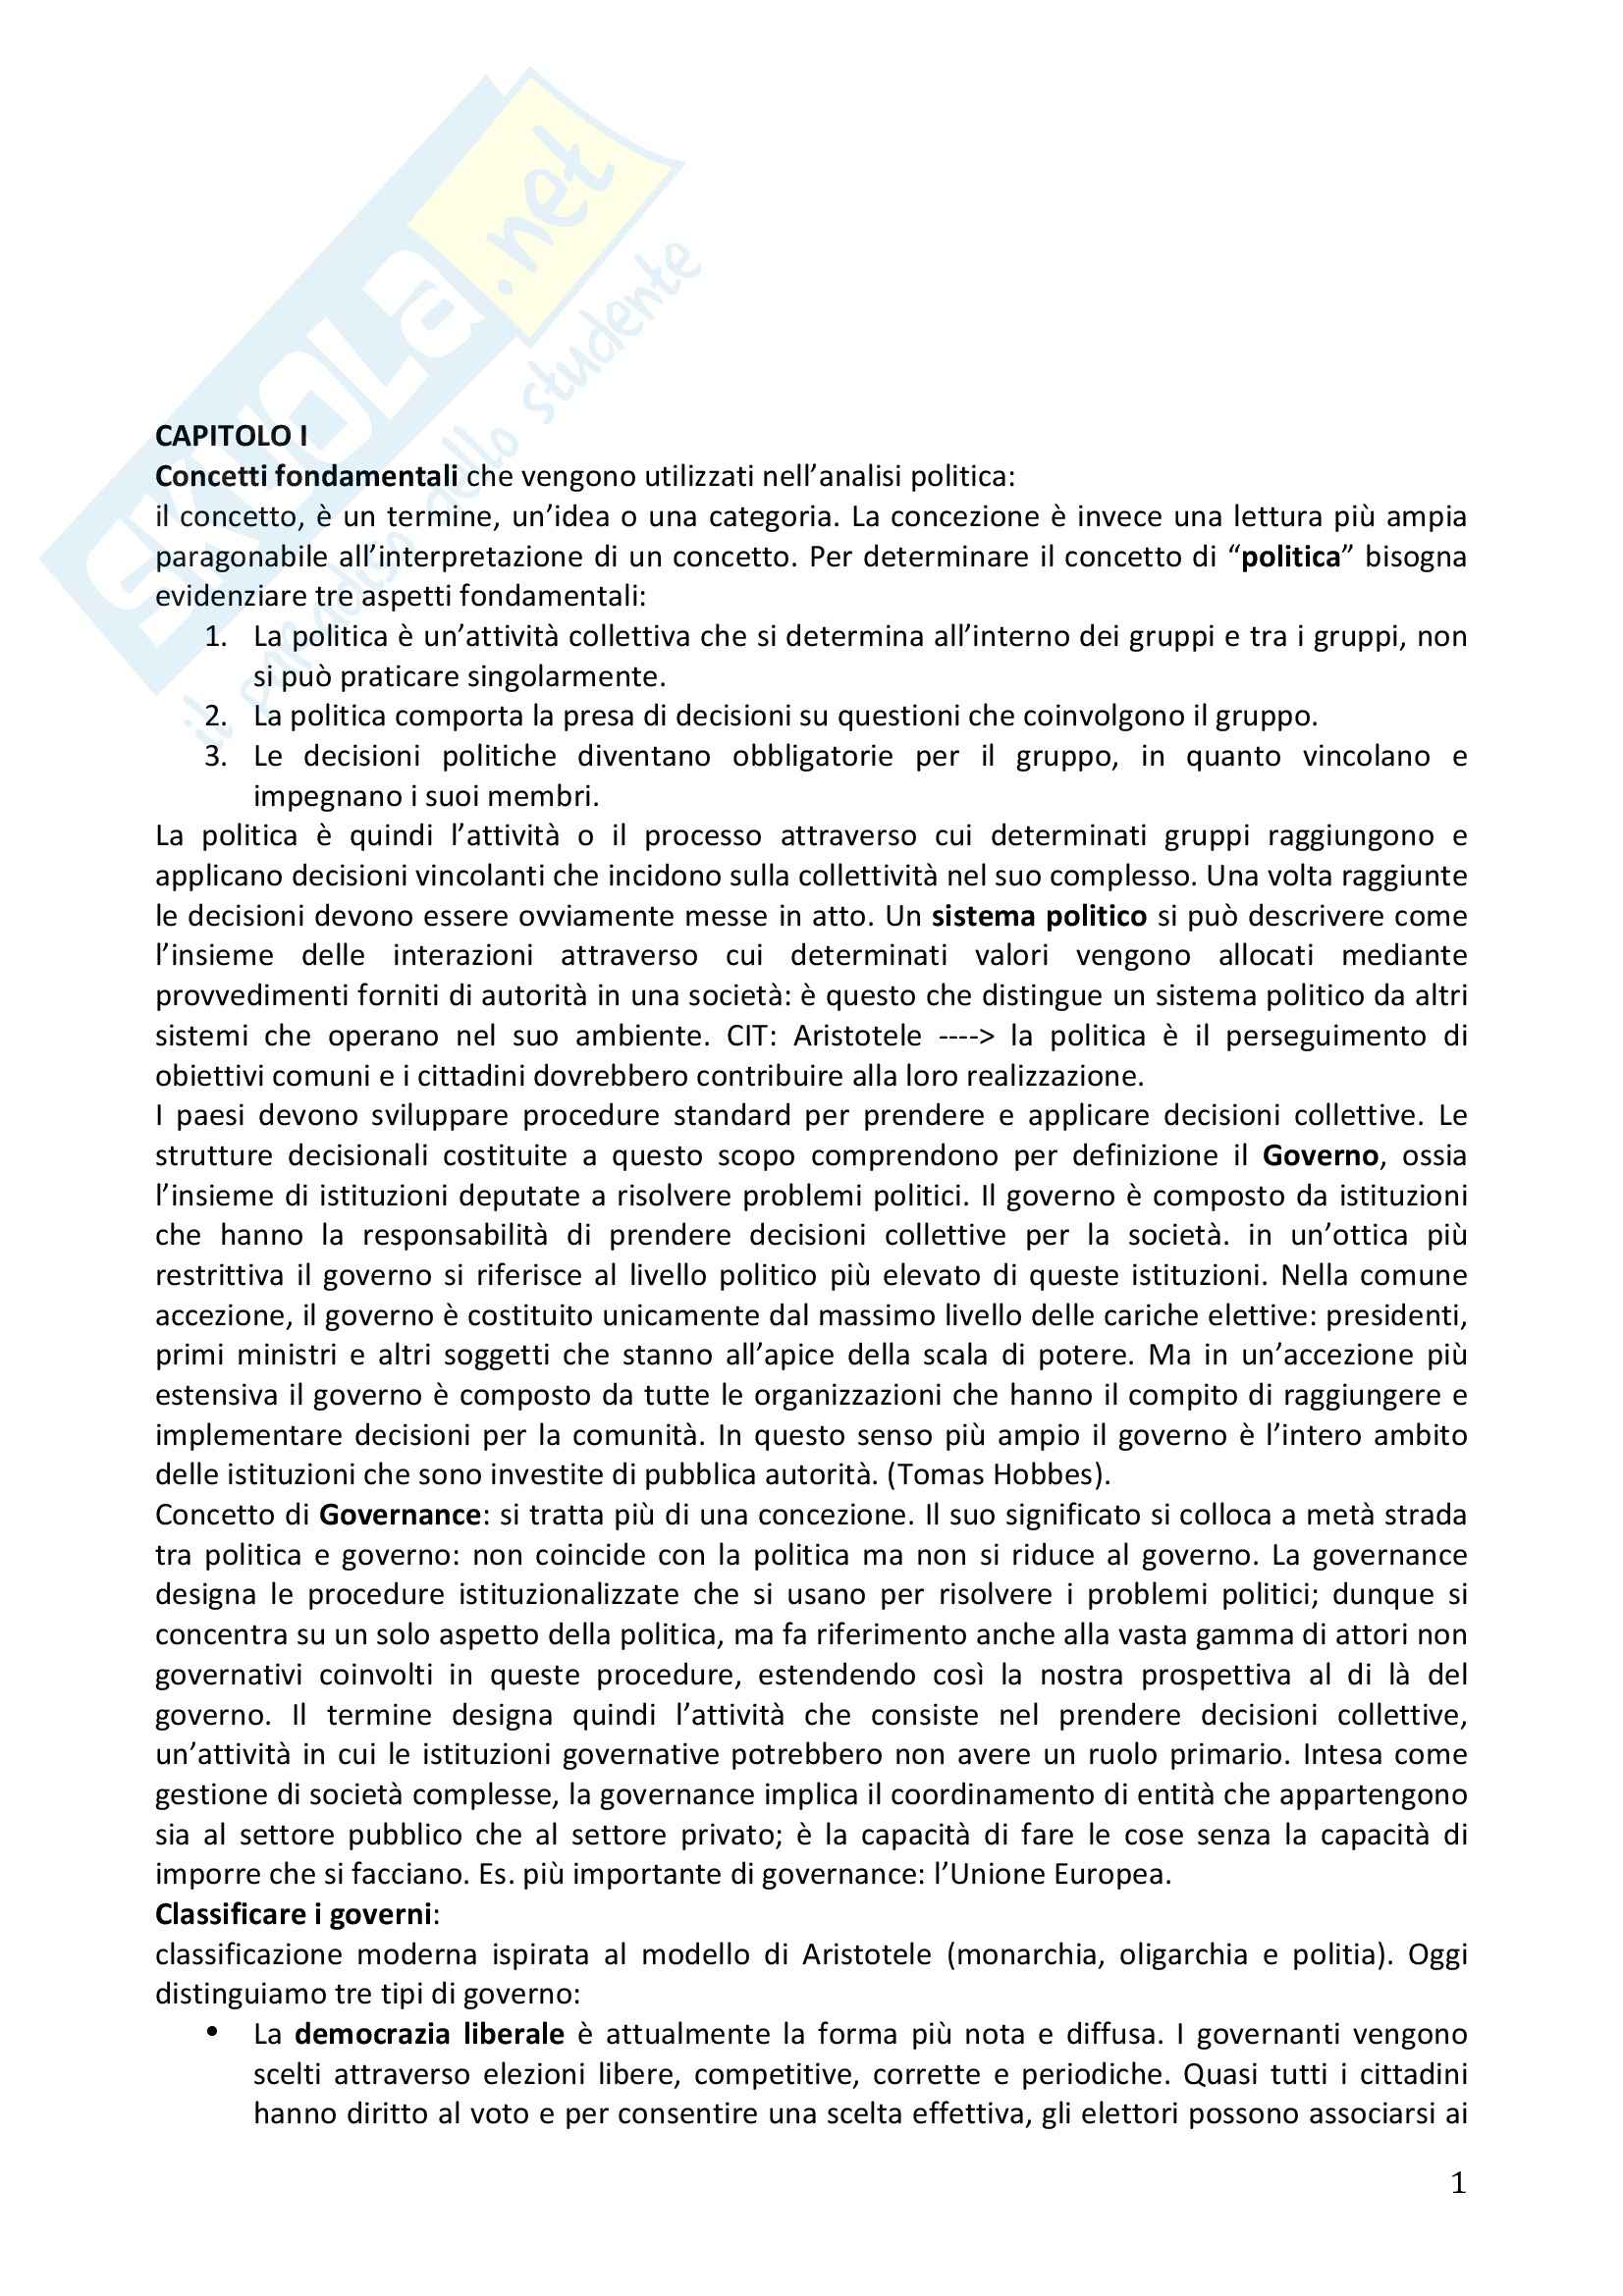 appunto S. Ravazzi Scienza politica